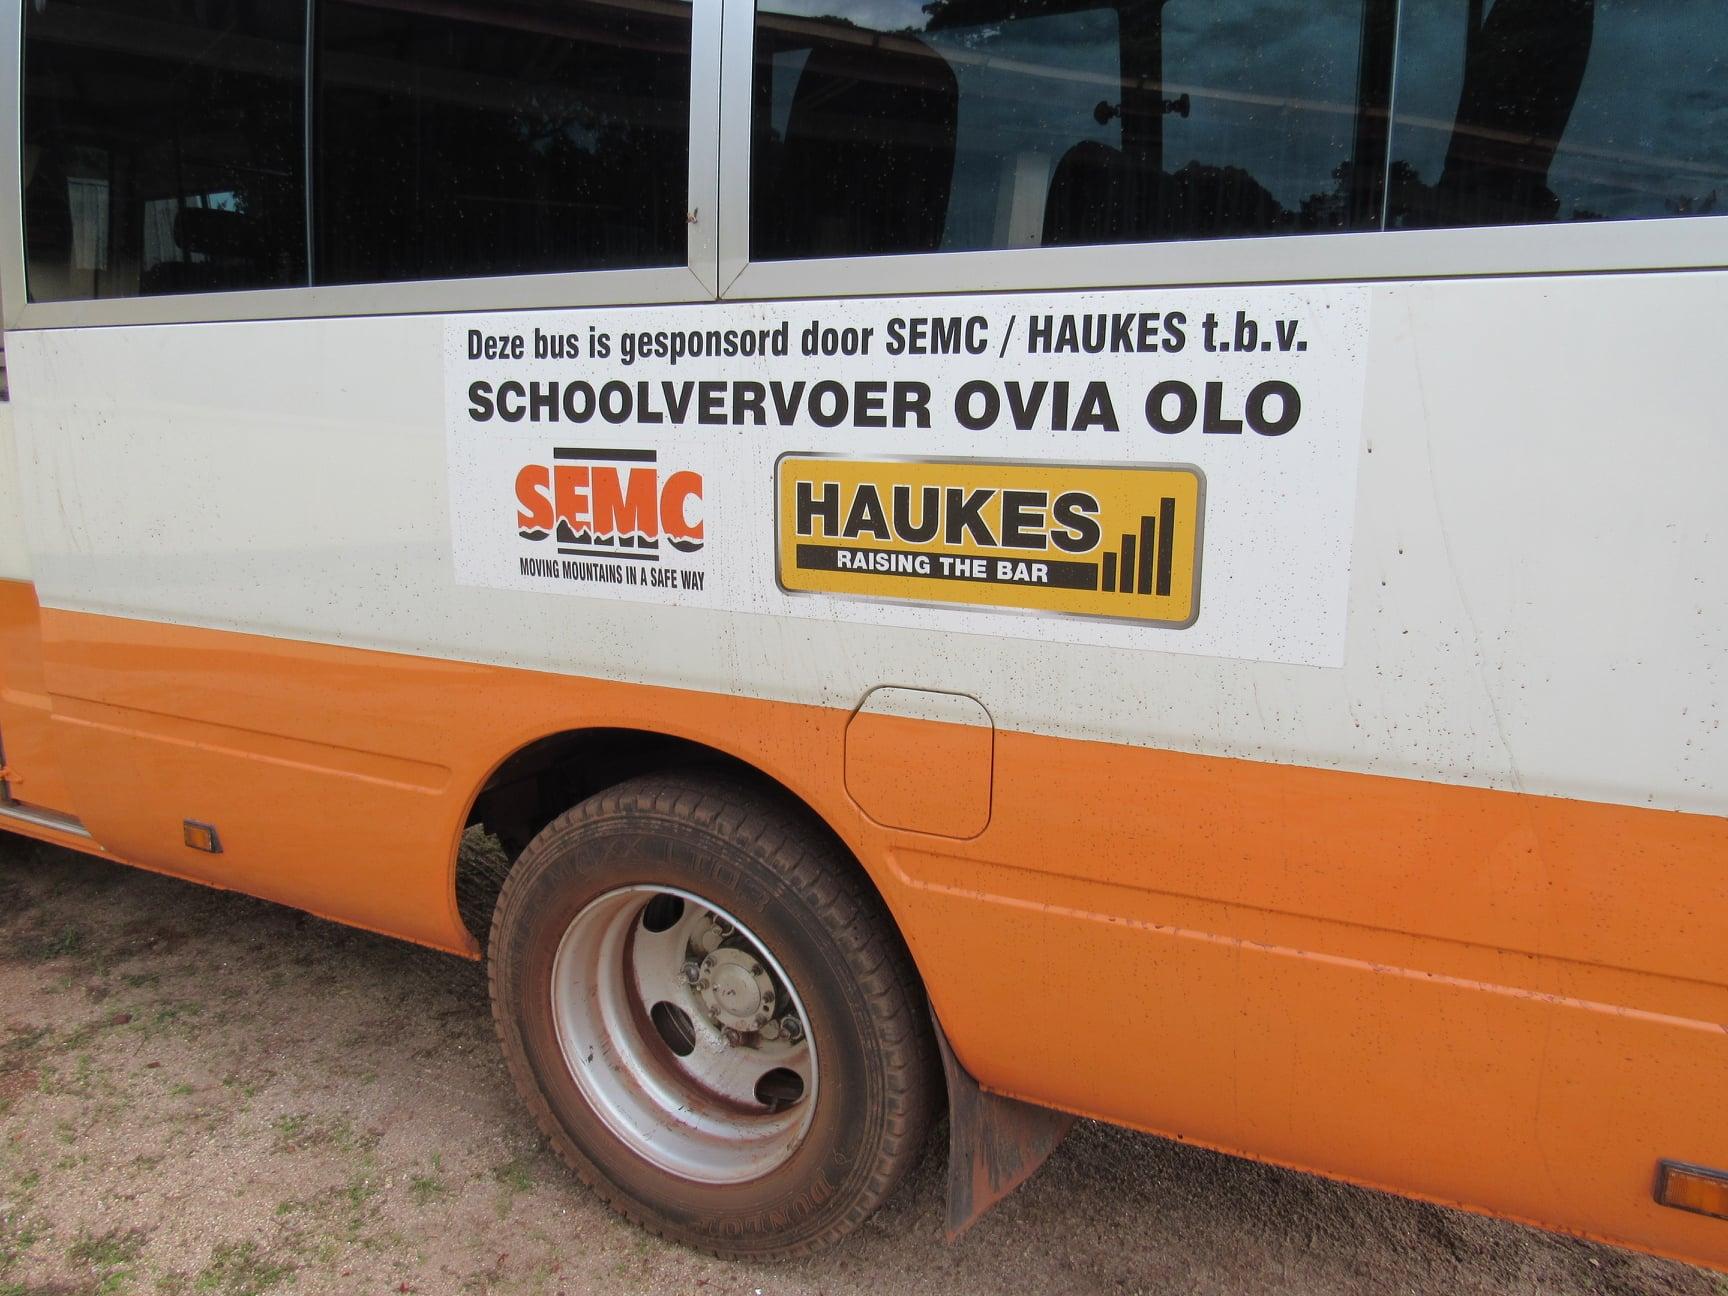 Haukes-NV-in-samenwerking-met-SEMC-NV--donatie-van-een-bus-t-b-v-schoolvervoer-Ovia-Olo-dorp-in-het-ressort-Patamacca-in-district-Marowijne-(2)